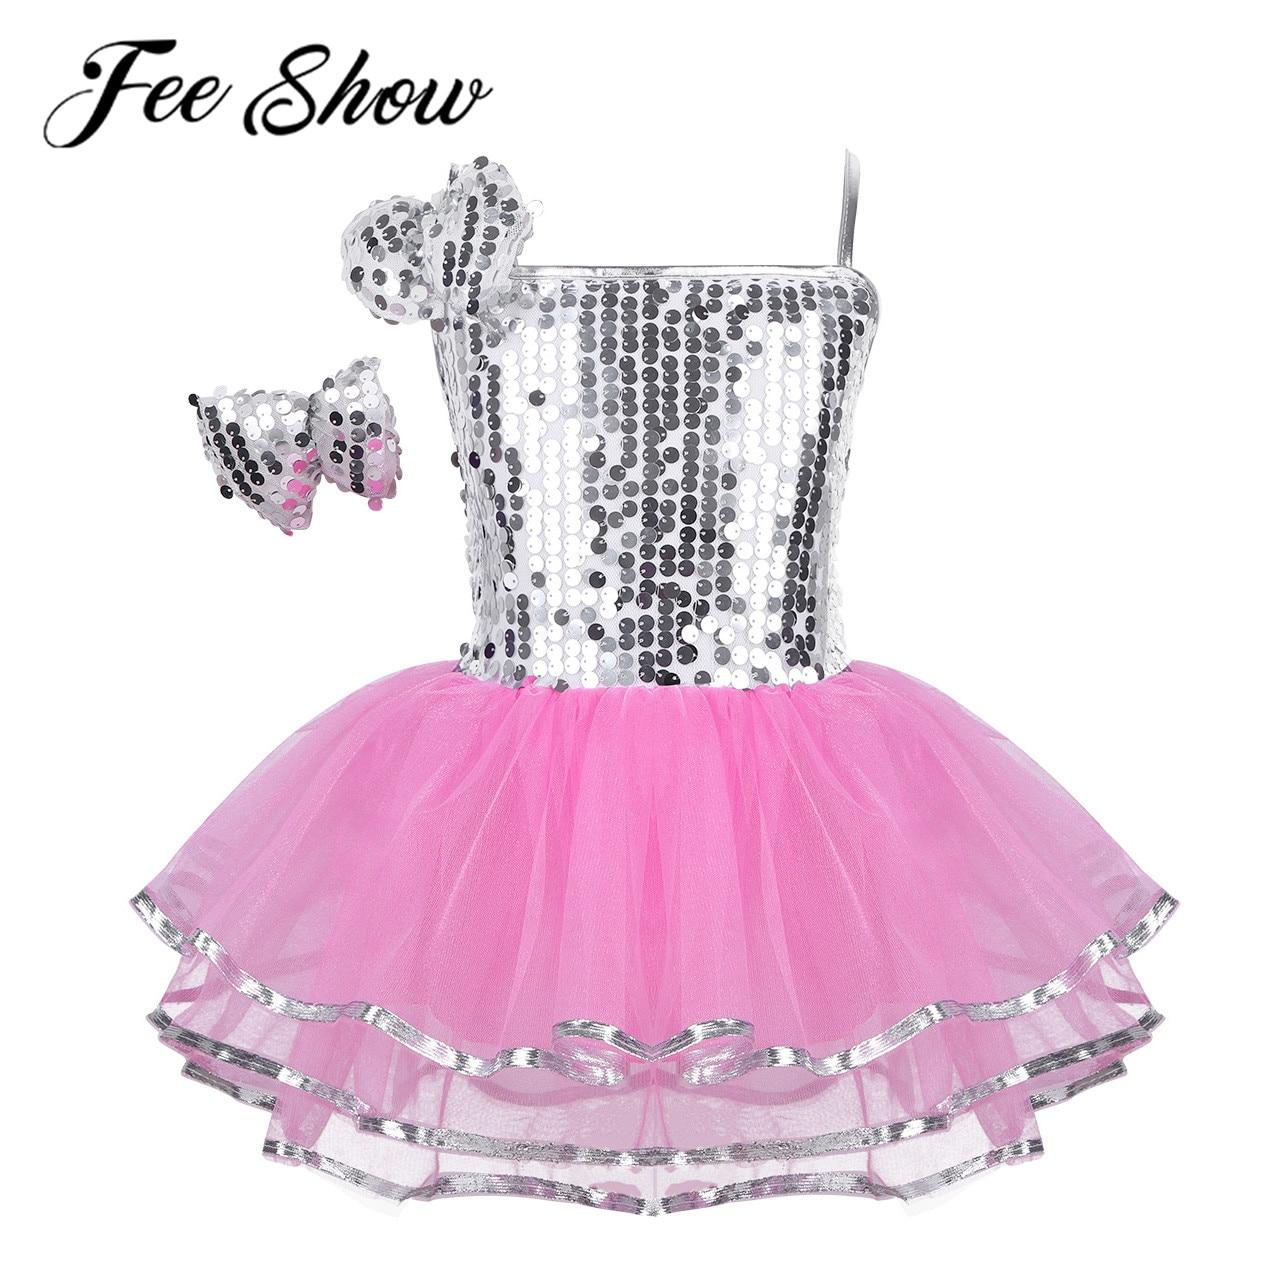 Kids Girls Modern Jazz Hip Hop Ballet Dance Tutu Dress Shiny Glitter Skirt Sequin Mesh Dancewear Contemporary Stage Show Costume